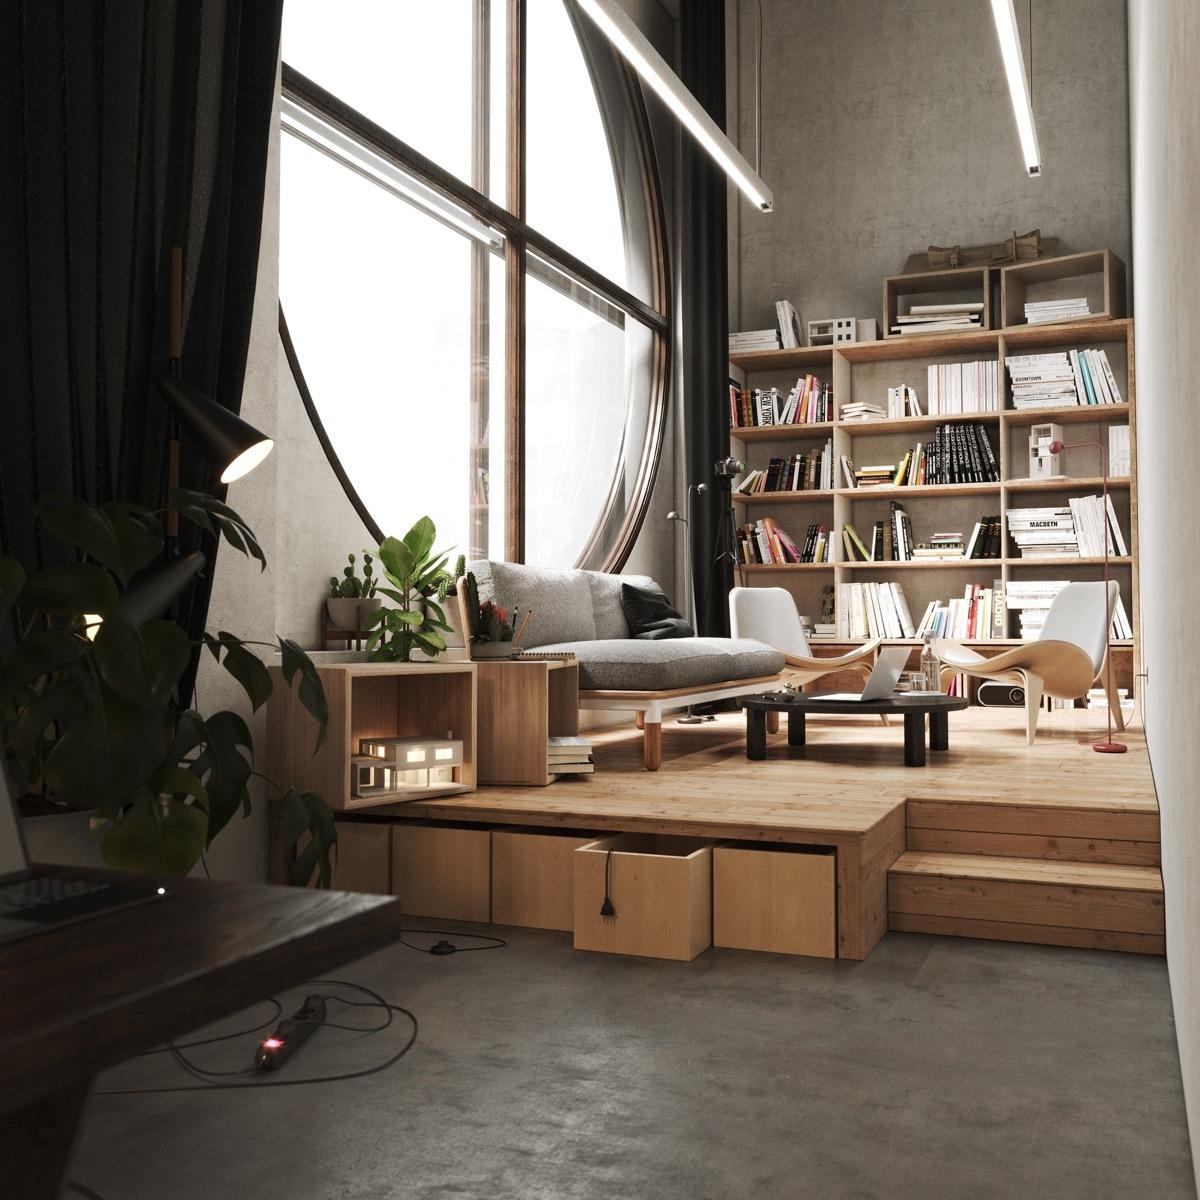 Sàn được nâng lên cao bởi bục gỗ, tạo ra một không gian riêng cho thư viện gia đình. Cửa sổ tròn lớn tạo điểm nhấn, mang lại cho chủ nhân khu vực đọc sách thư thái và ngập tràn ánh sáng.